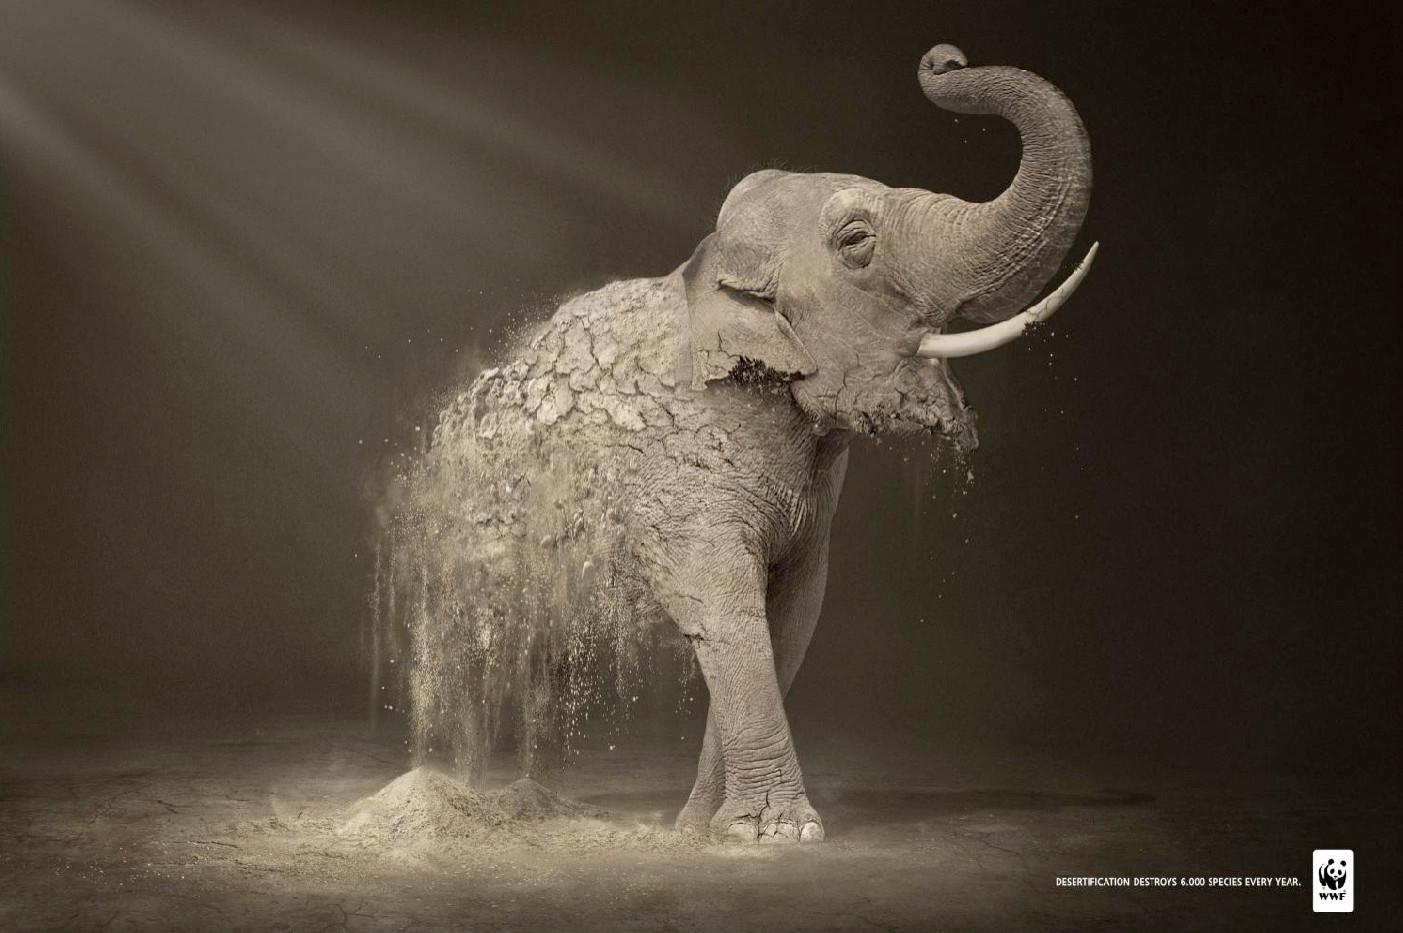 wwf-publicite-elephant.jpg